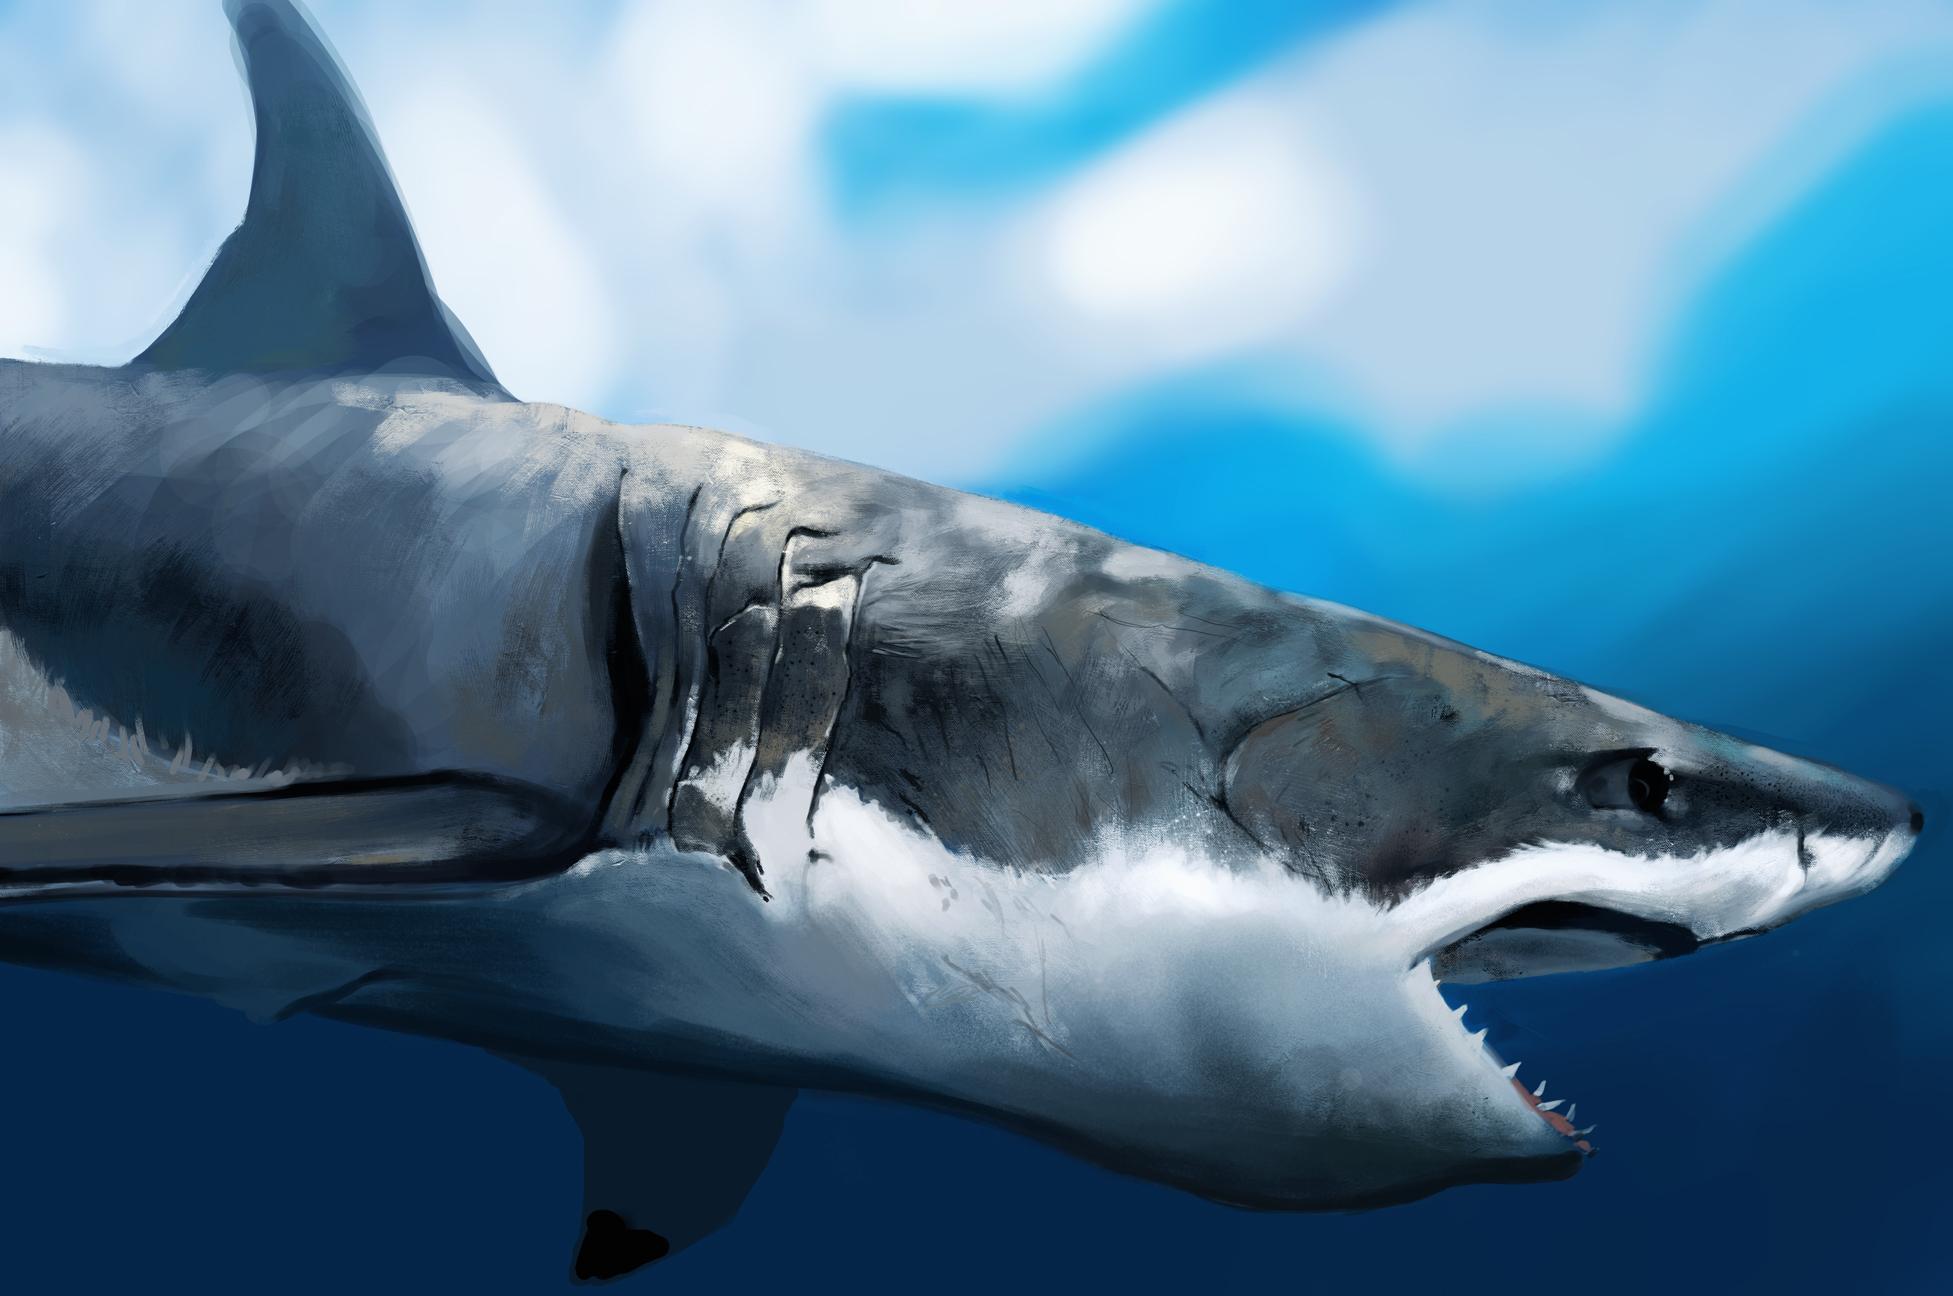 Shark Study by JoshSummana